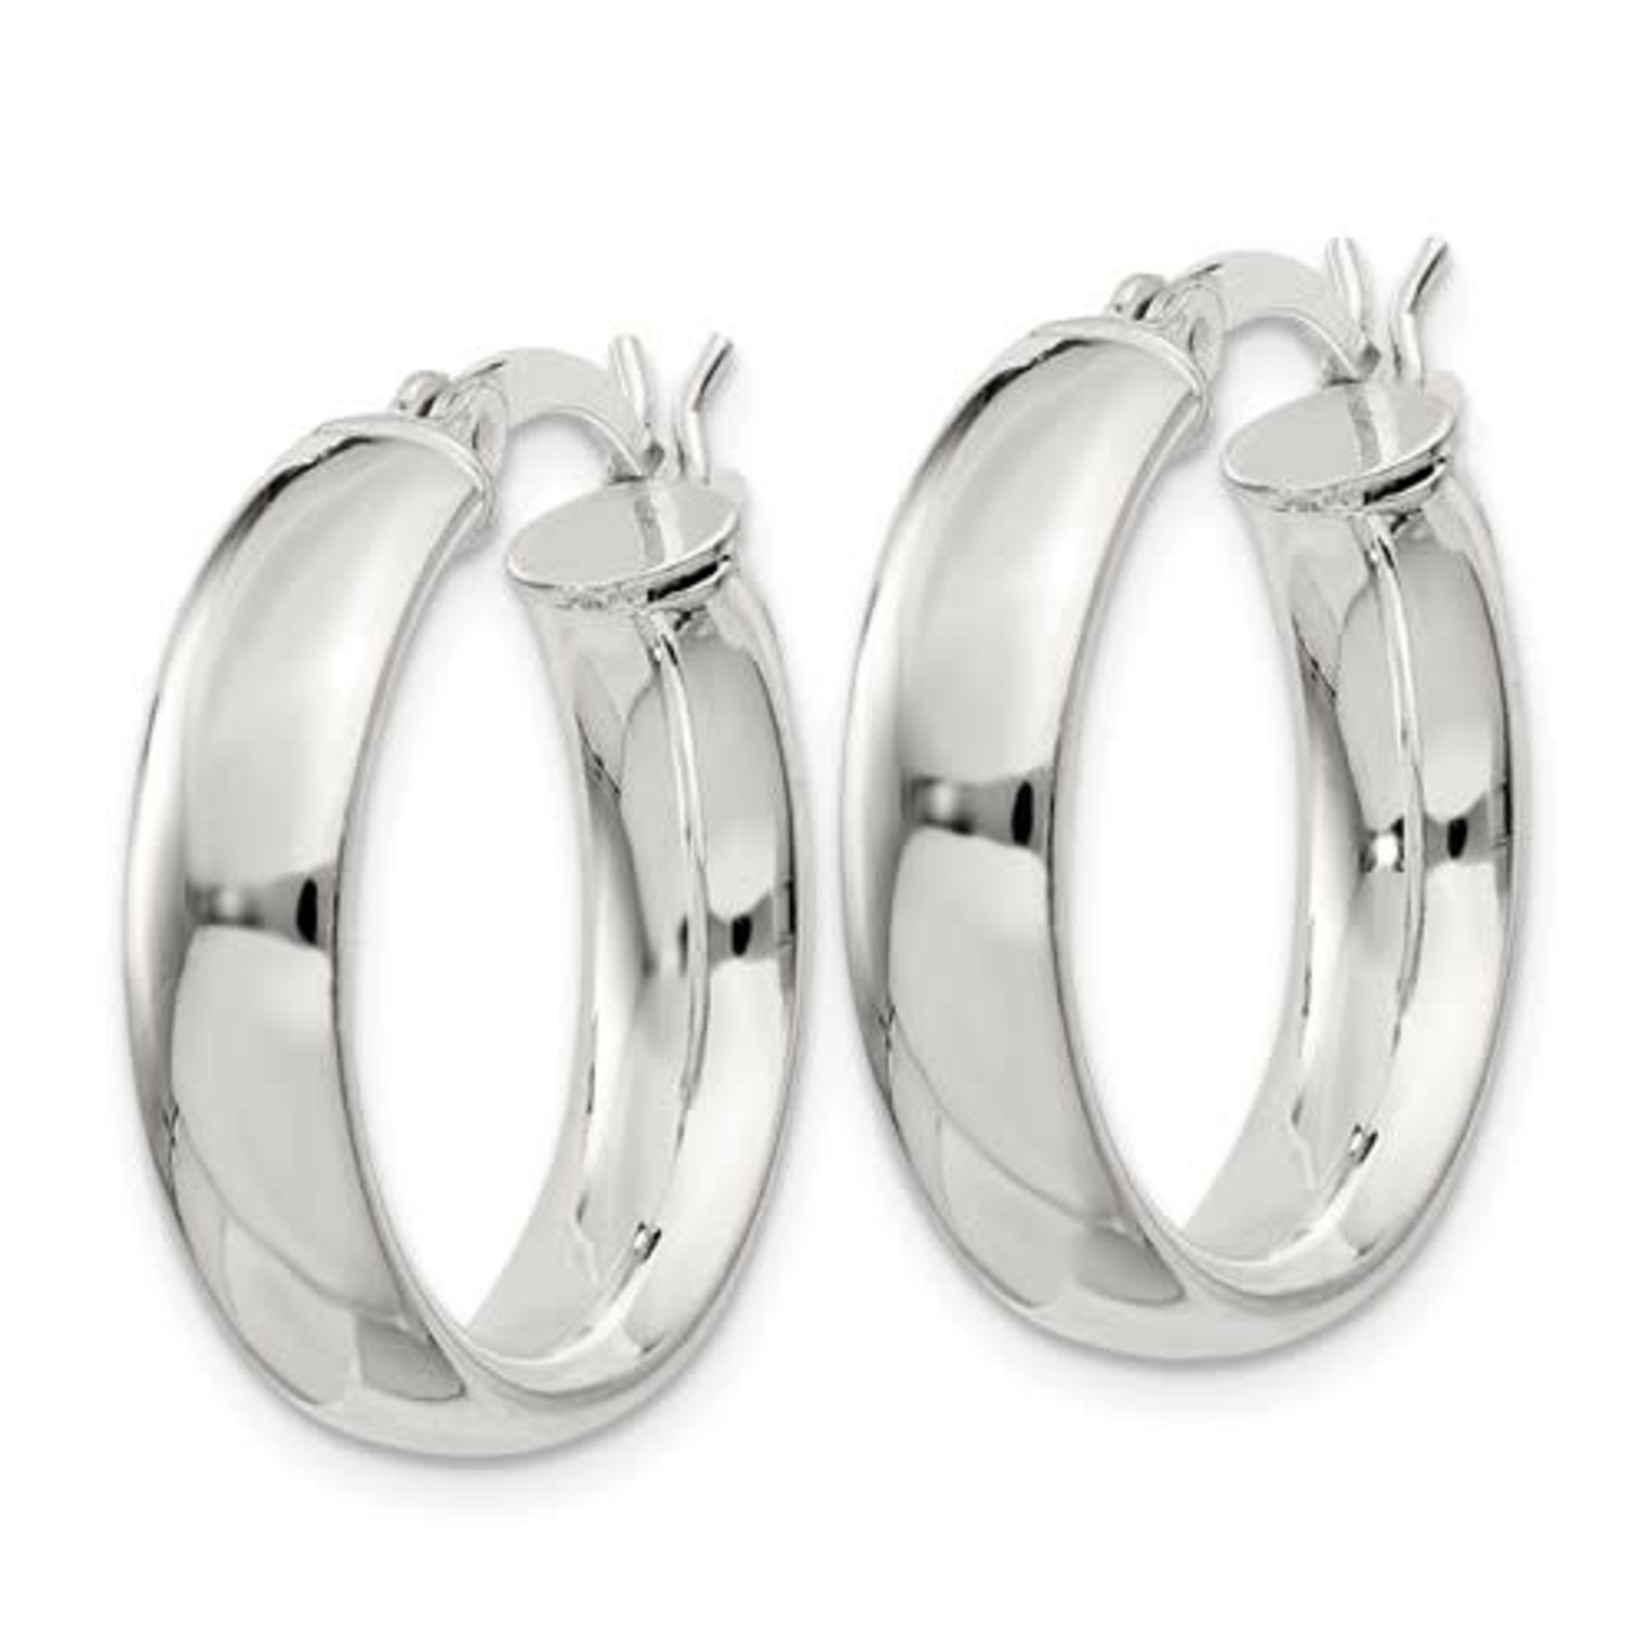 This Is Life Sterling Silver 4.75x20mm Hoop Earrings